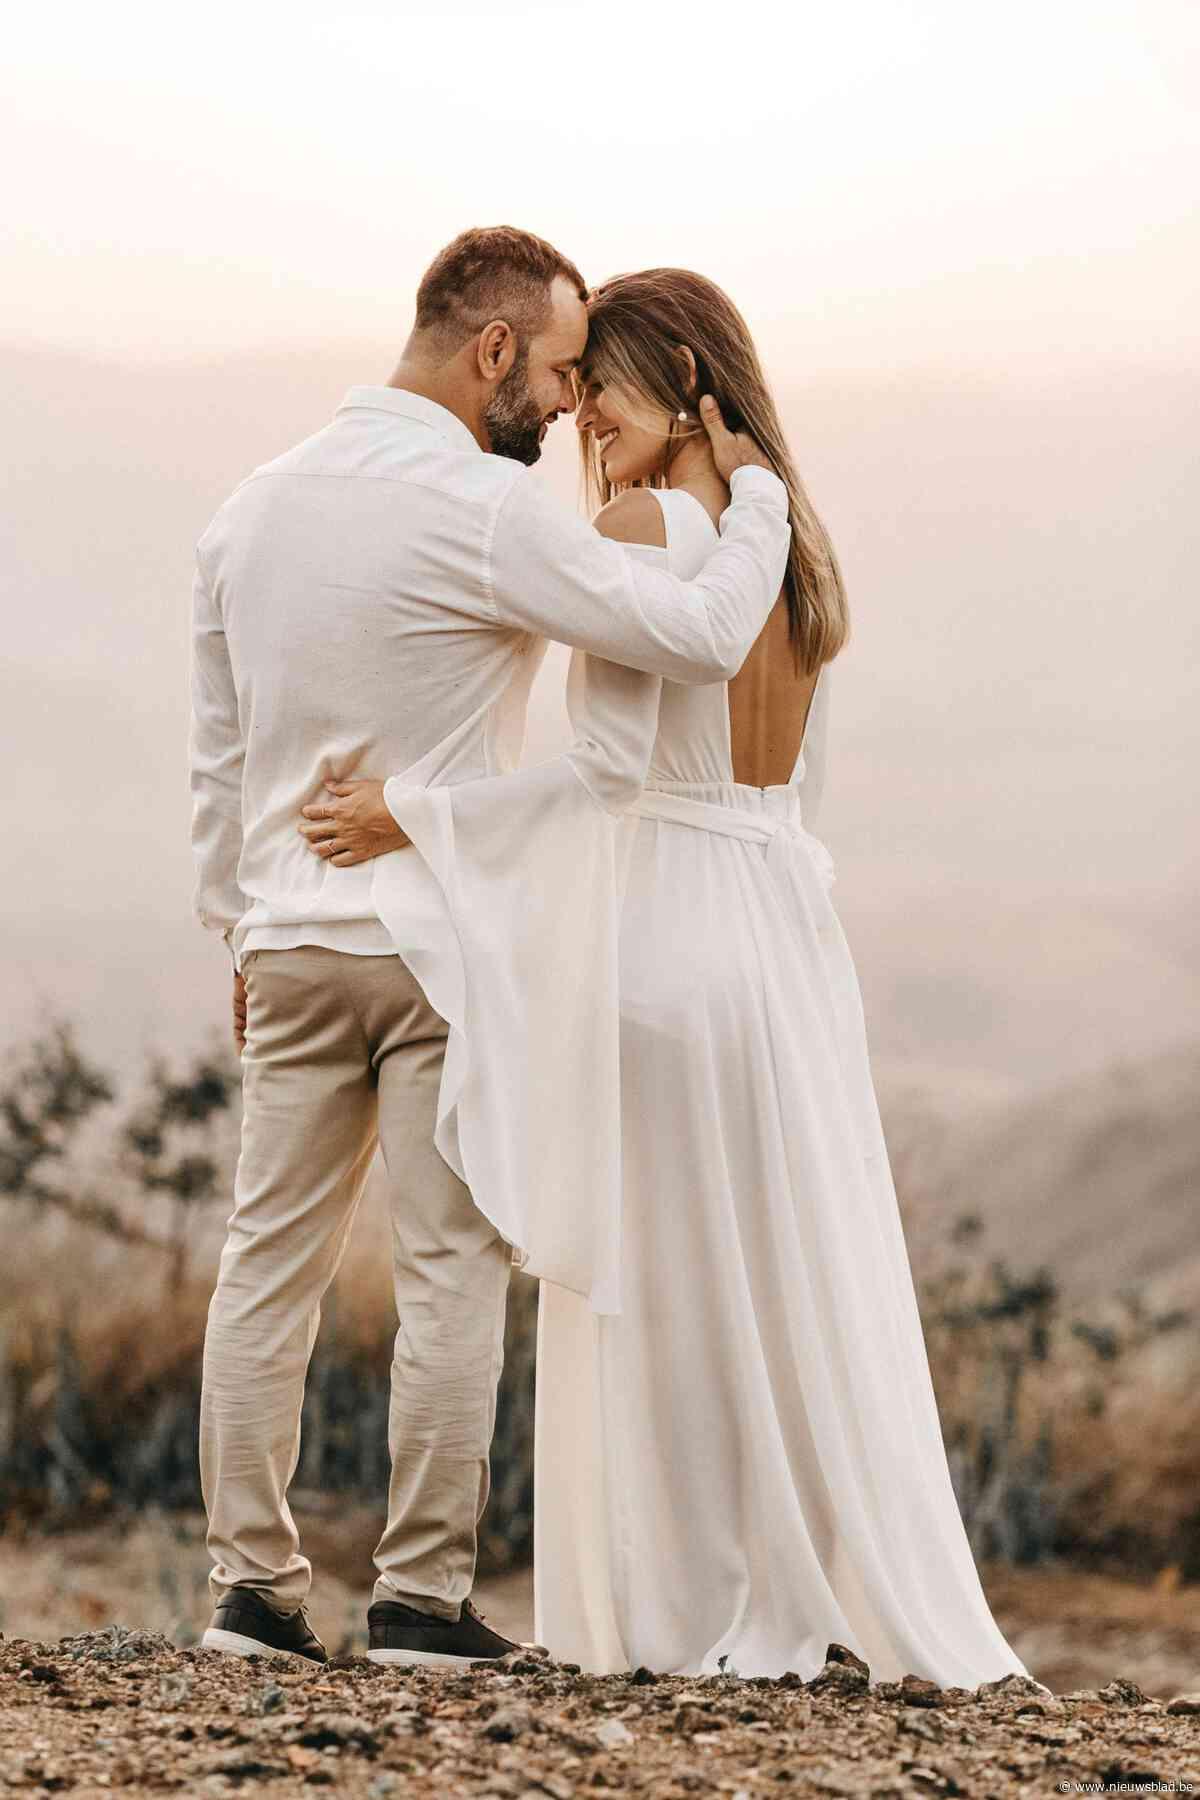 tính cách của đàn ông ma kết khi yêu - cặp đôi đang ôm nhau